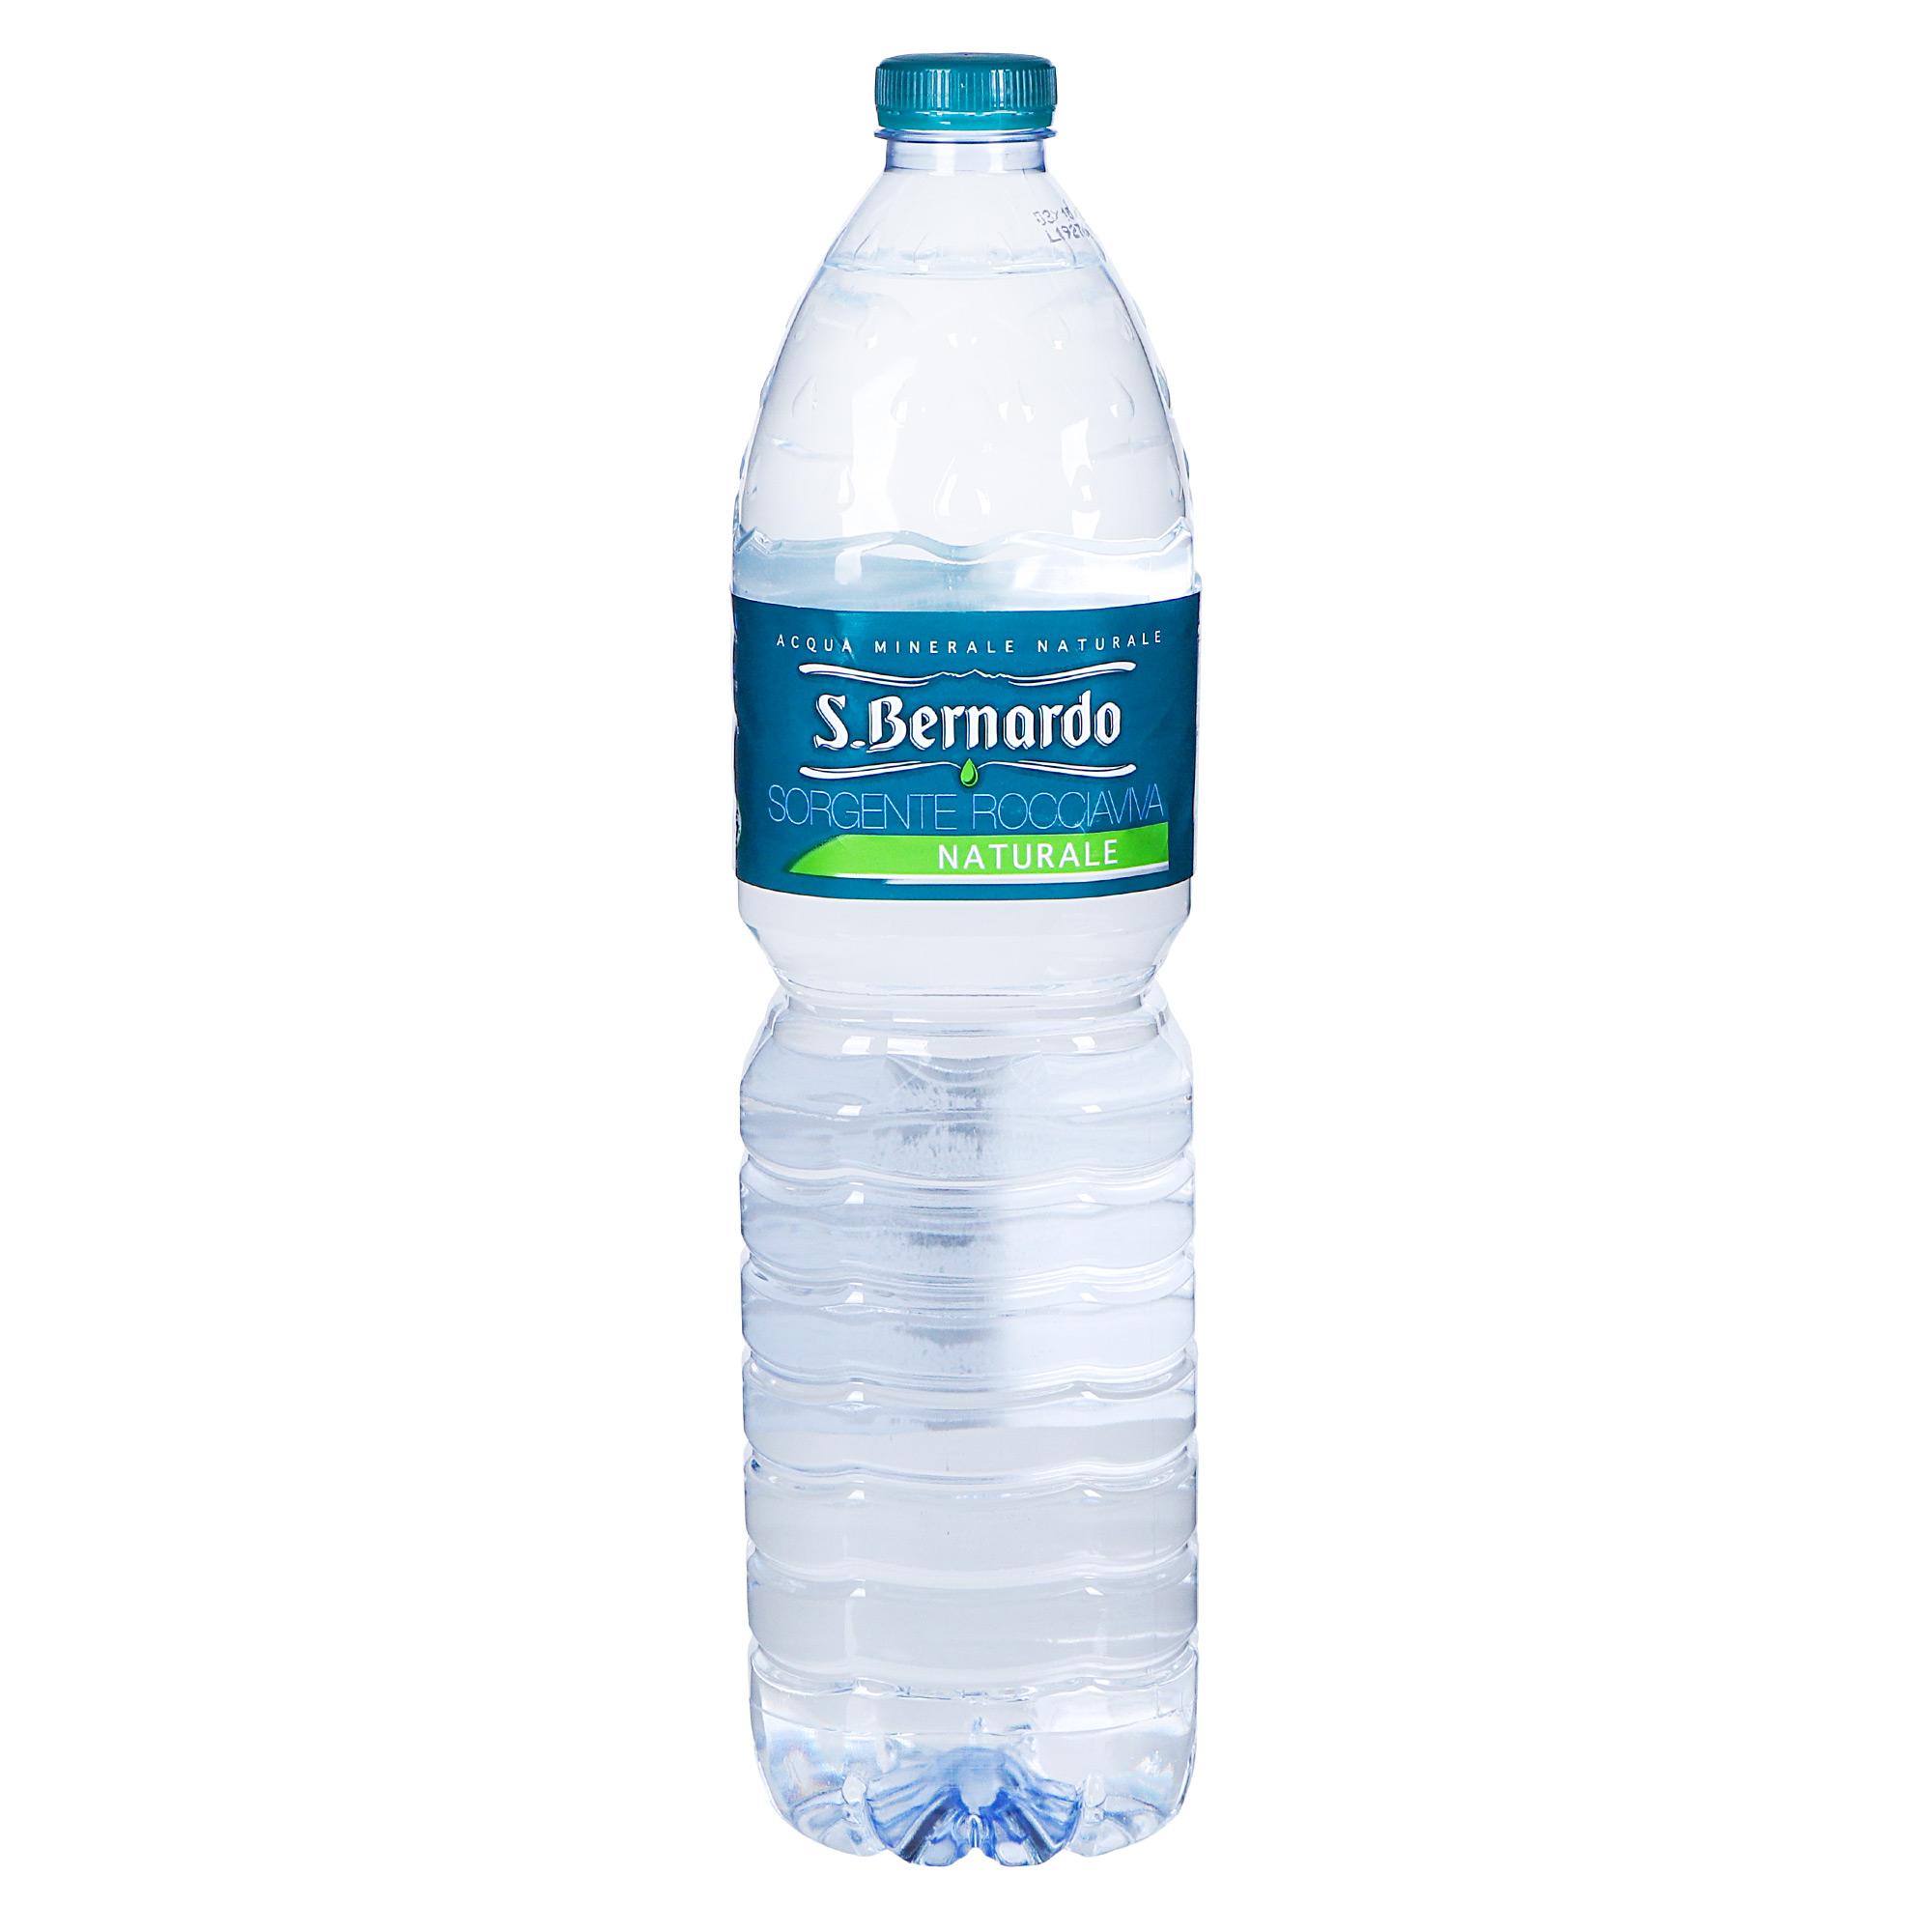 Вода San Bernardo негазированная 1,5 л вода san bernardo газированная 1 л